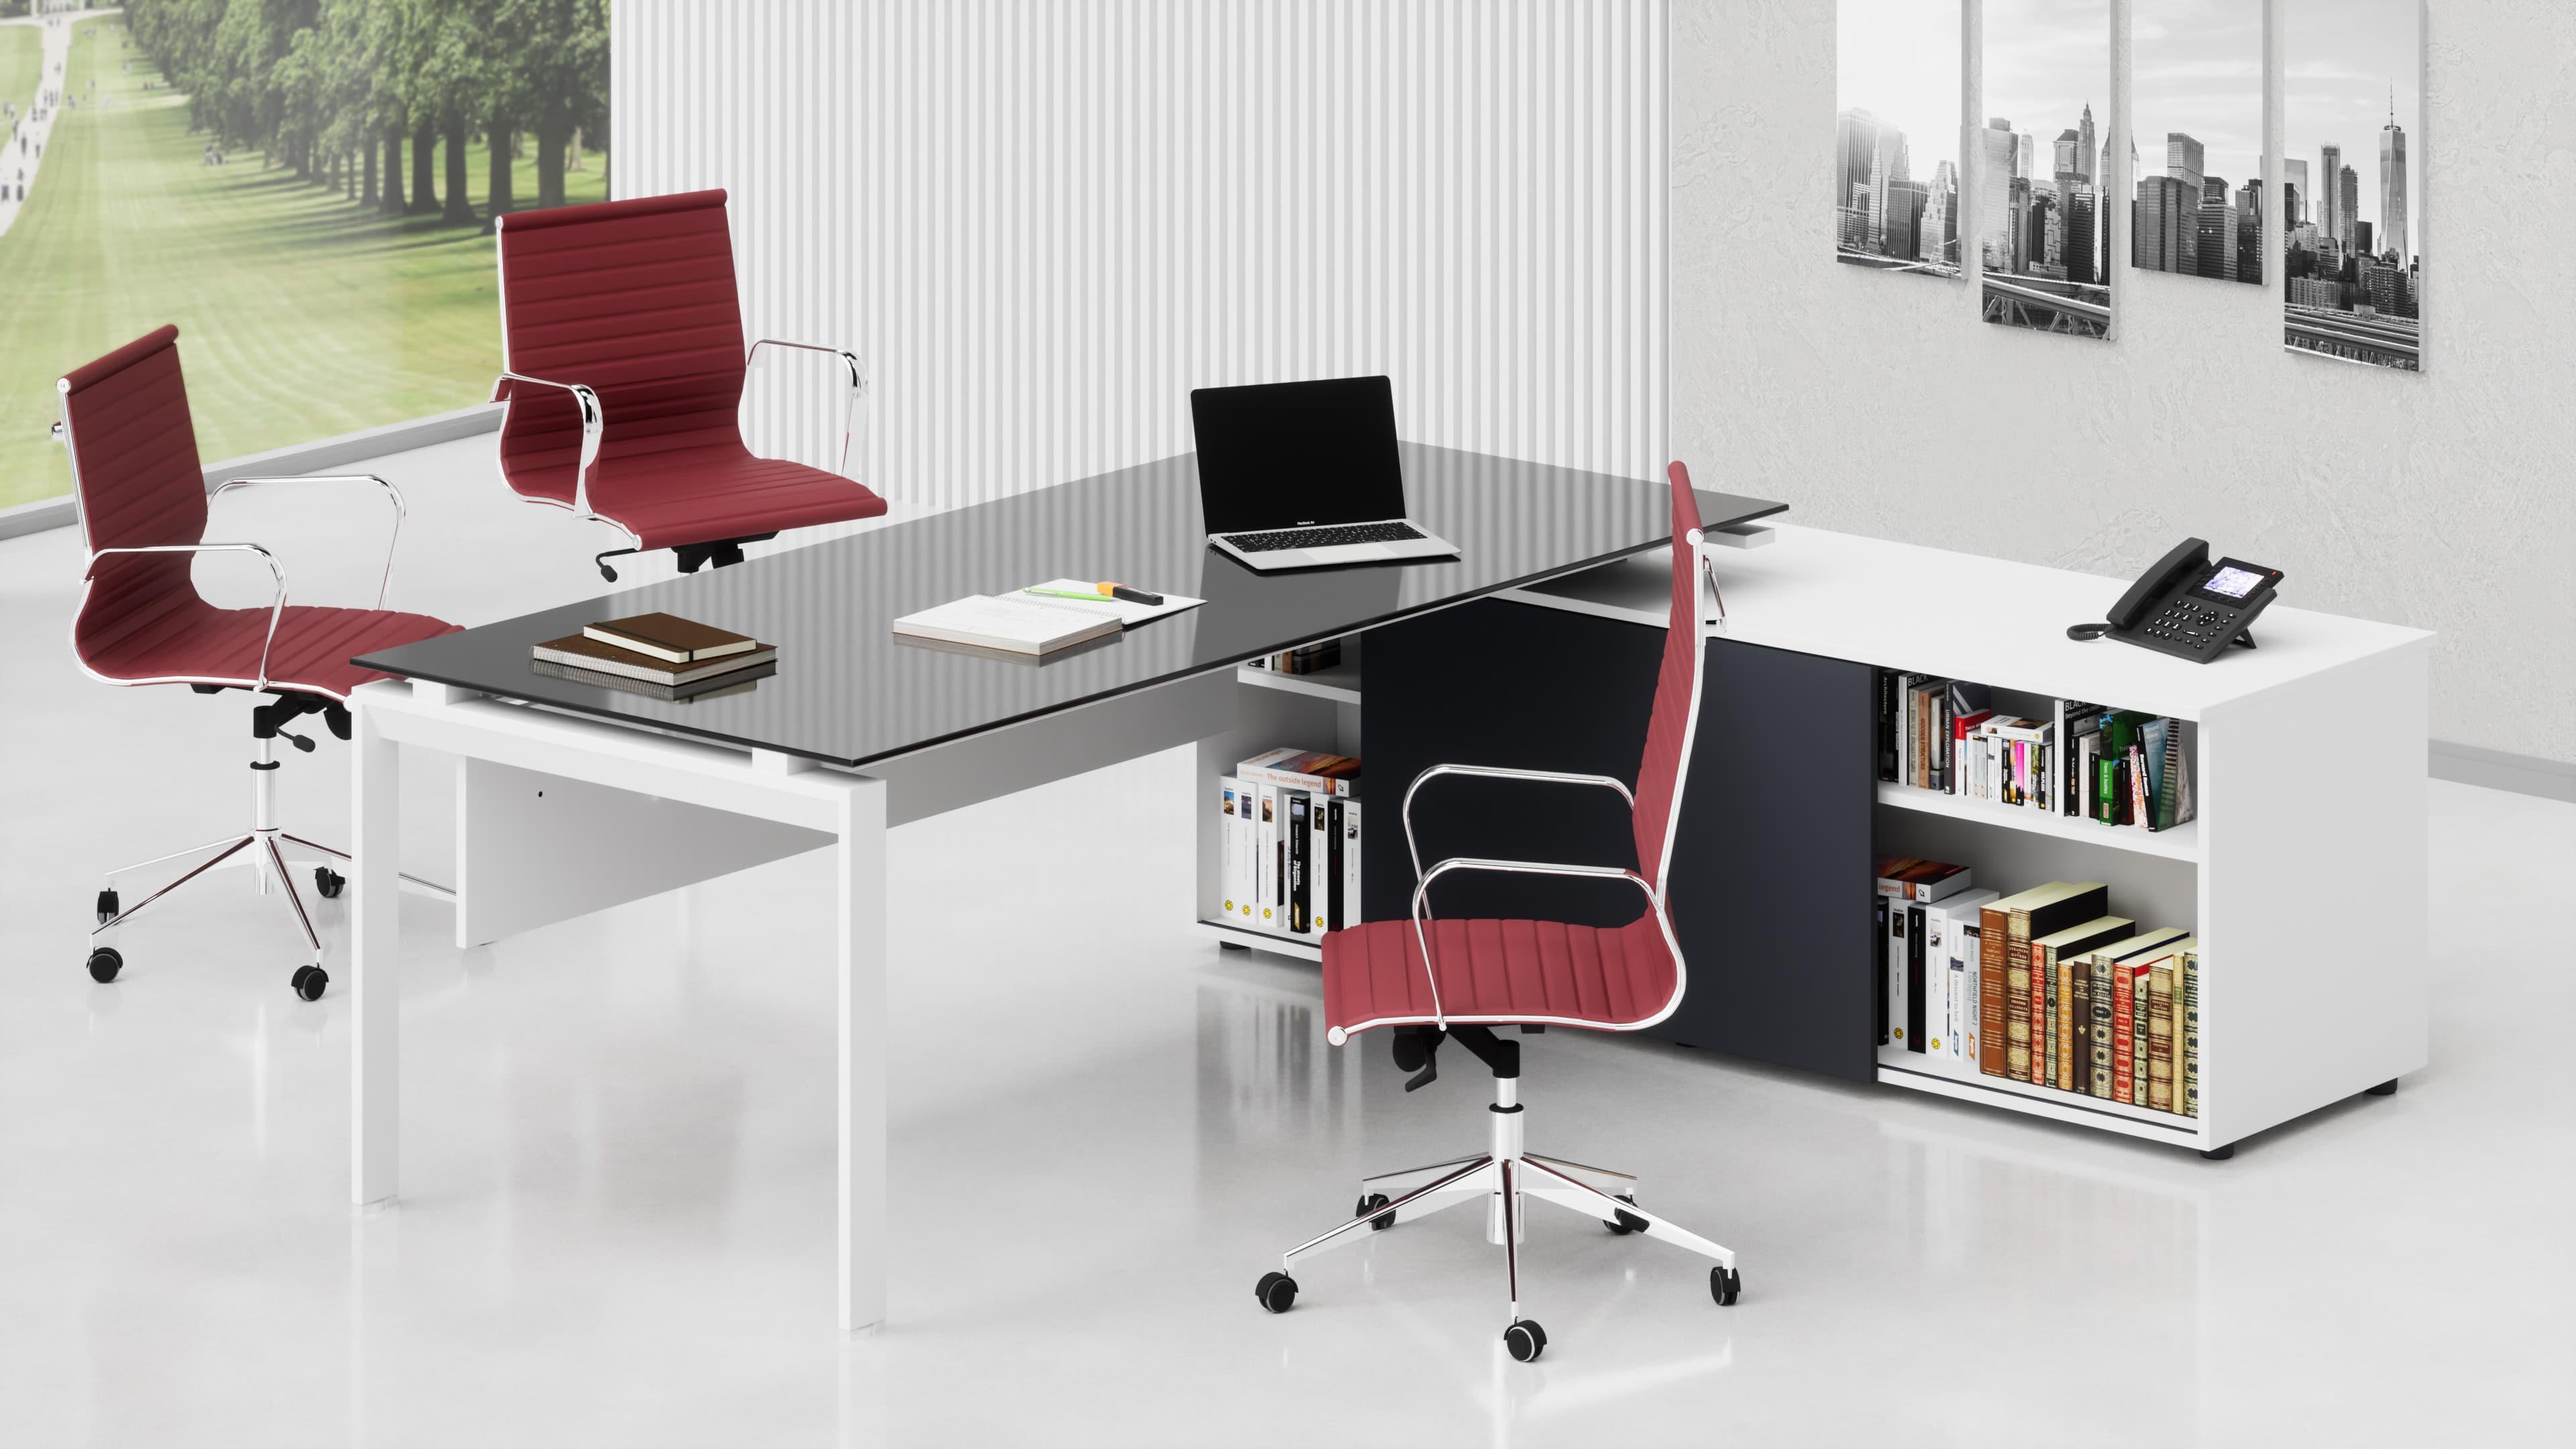 Scrivania ufficio direzionale SCACCO L.230 piano in vetro, mobile di servizio reversibile